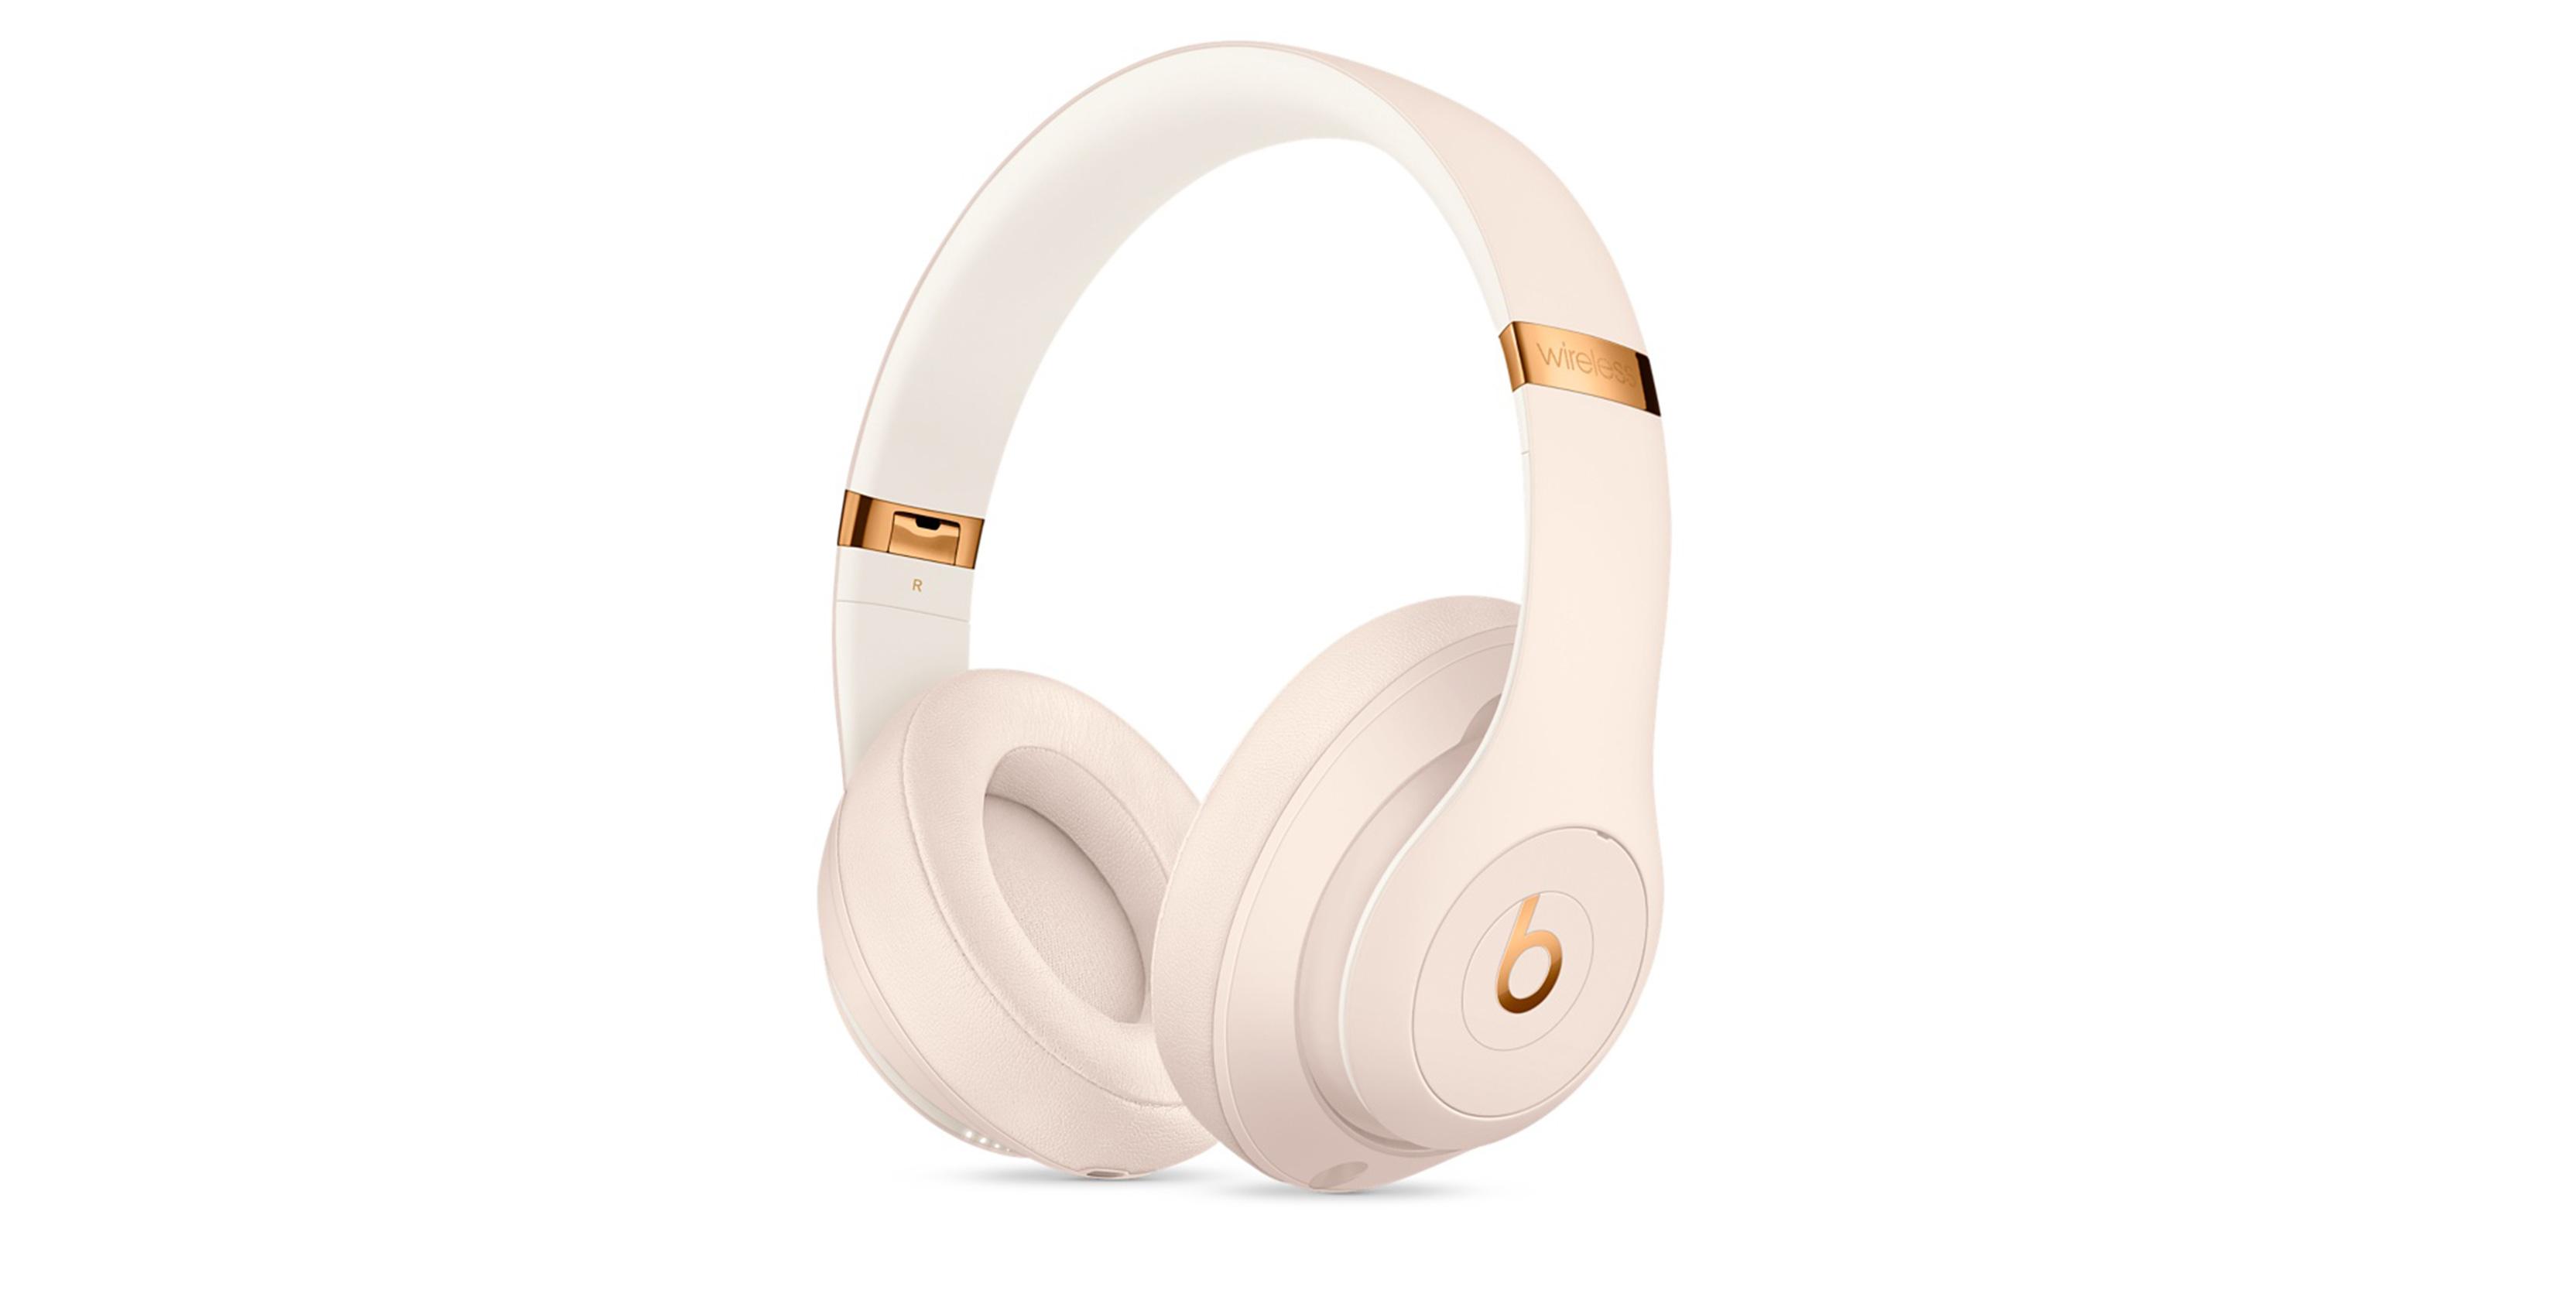 beats studio 3 wireless headphones in porcelain rose